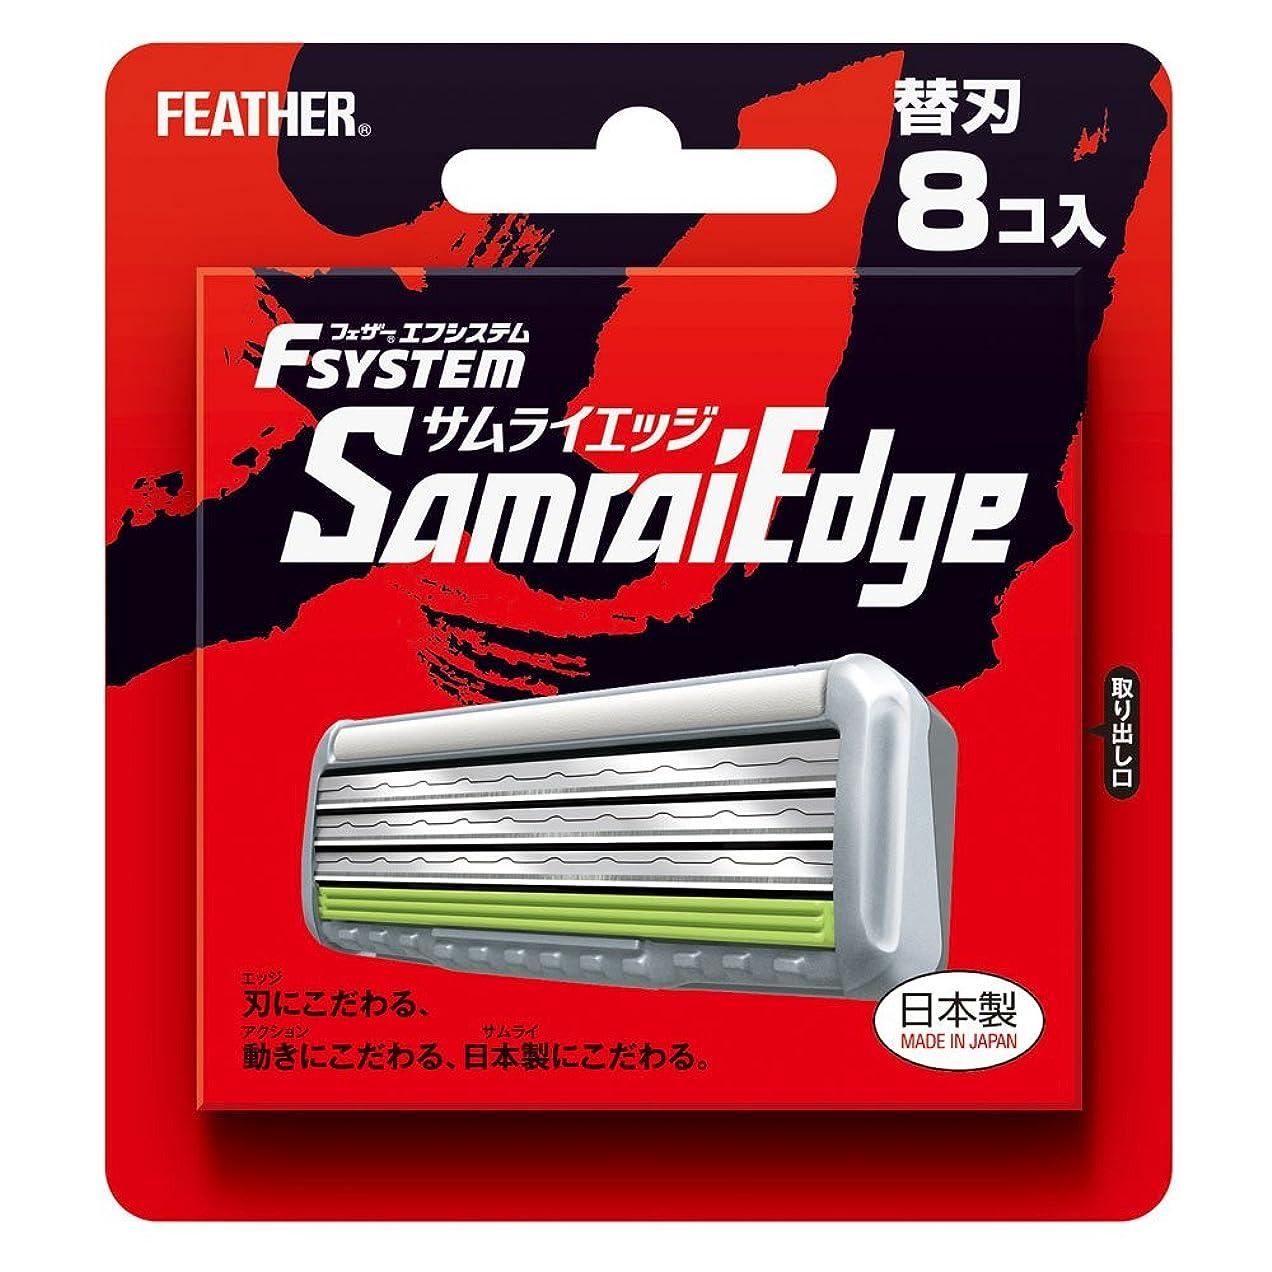 熱意シャンパンオートメーションフェザー エフシステム 替刃 サムライエッジ 8コ入 (日本製)